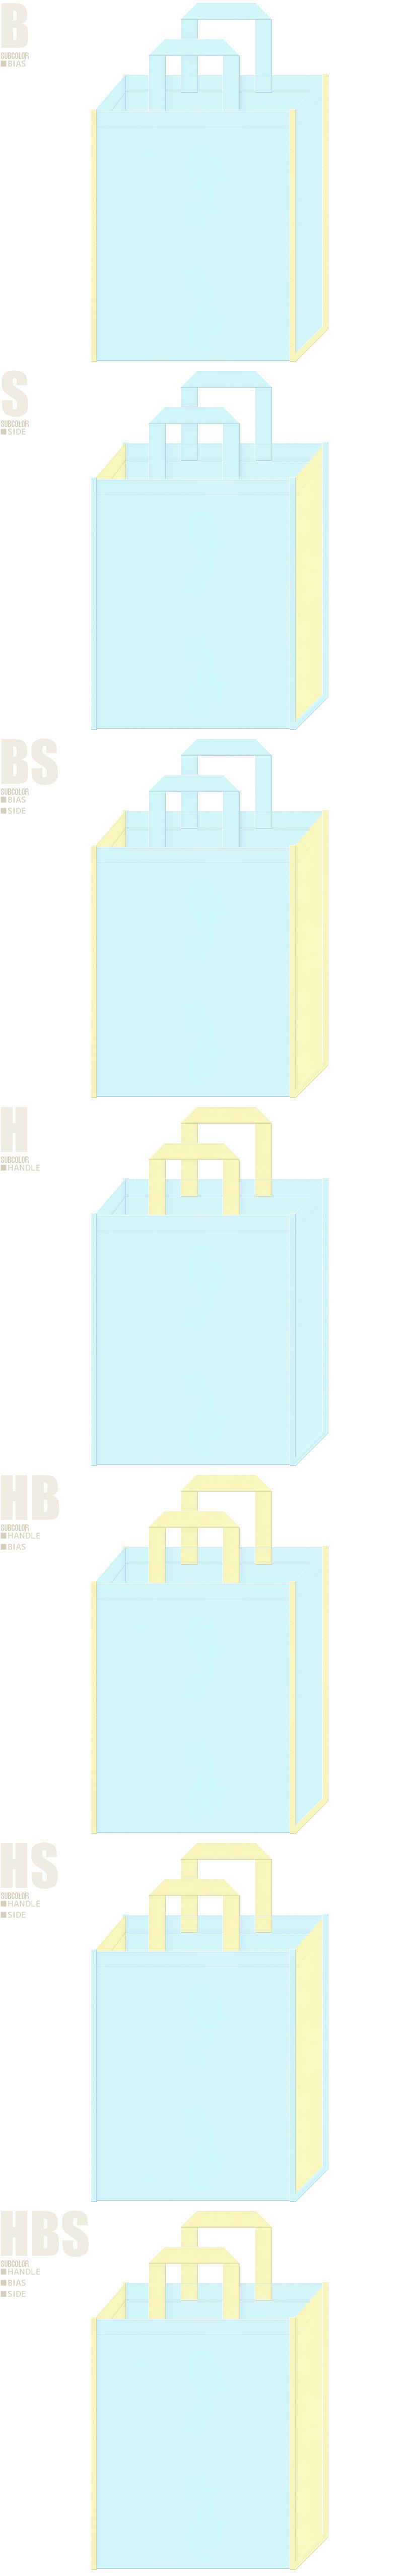 介護用品・潤い・化粧水・洗剤・石鹸・洗面用品・バス用品の展示会用バッグにお奨めの不織布バッグデザイン:水色と薄黄色の配色7パターン